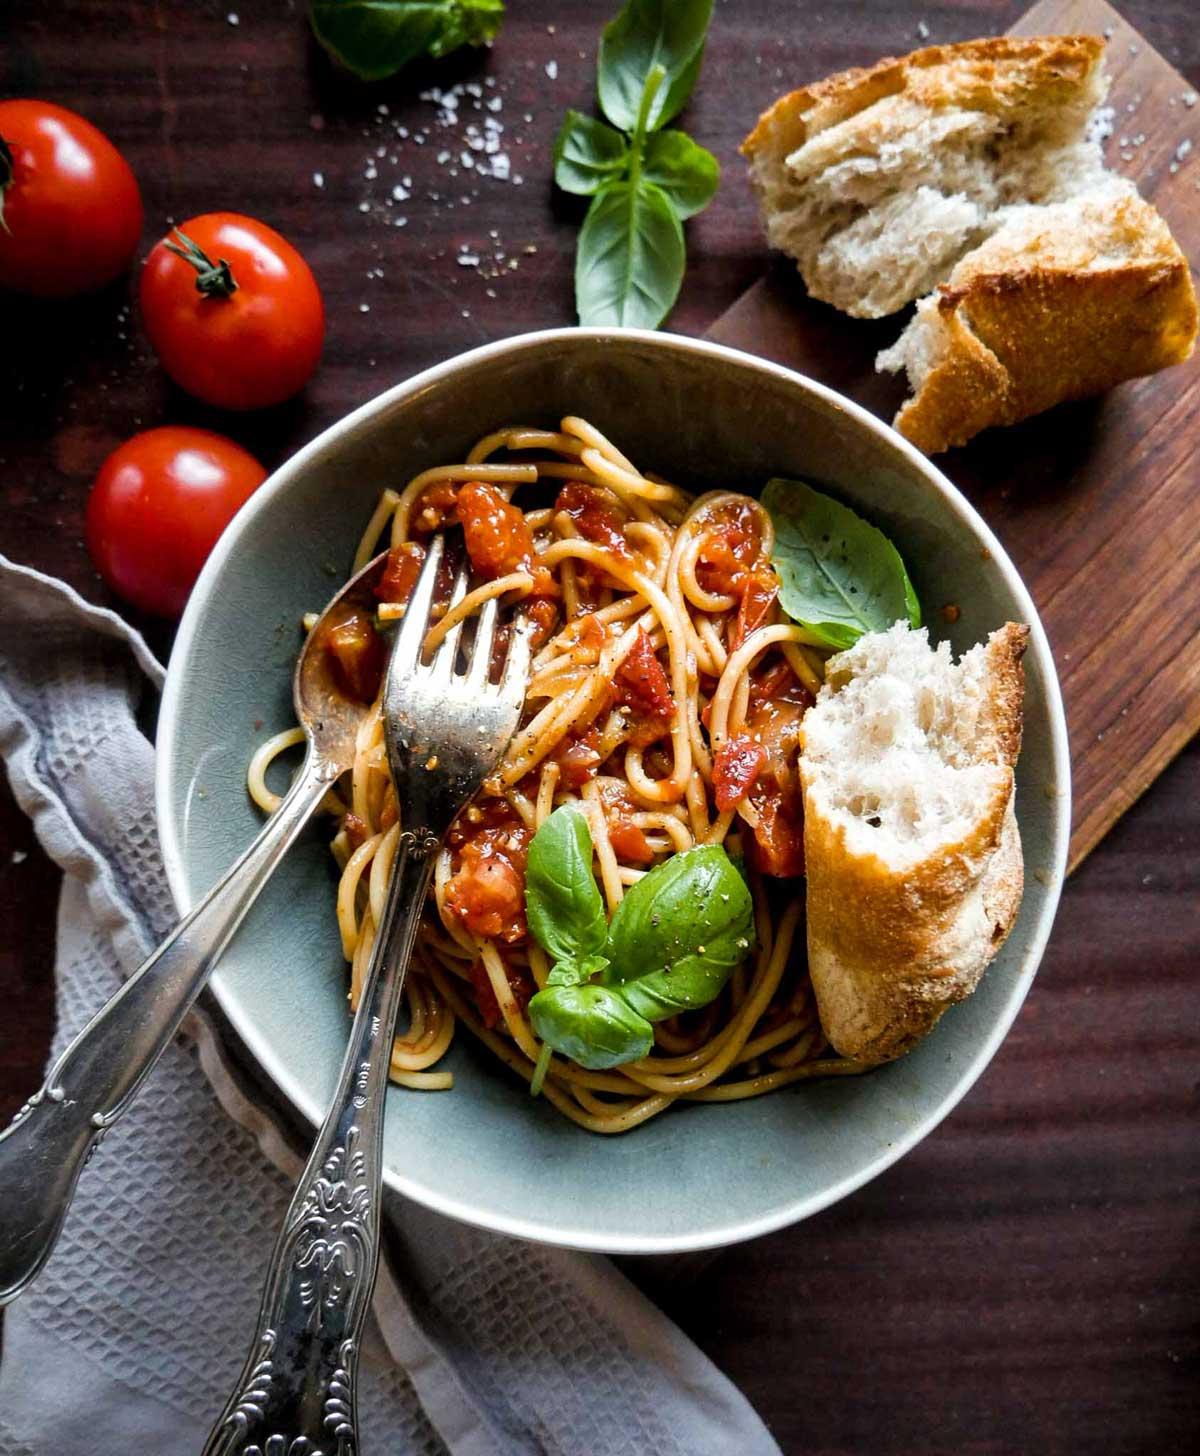 italiensk pastaopskrift på tomater med spaghetti